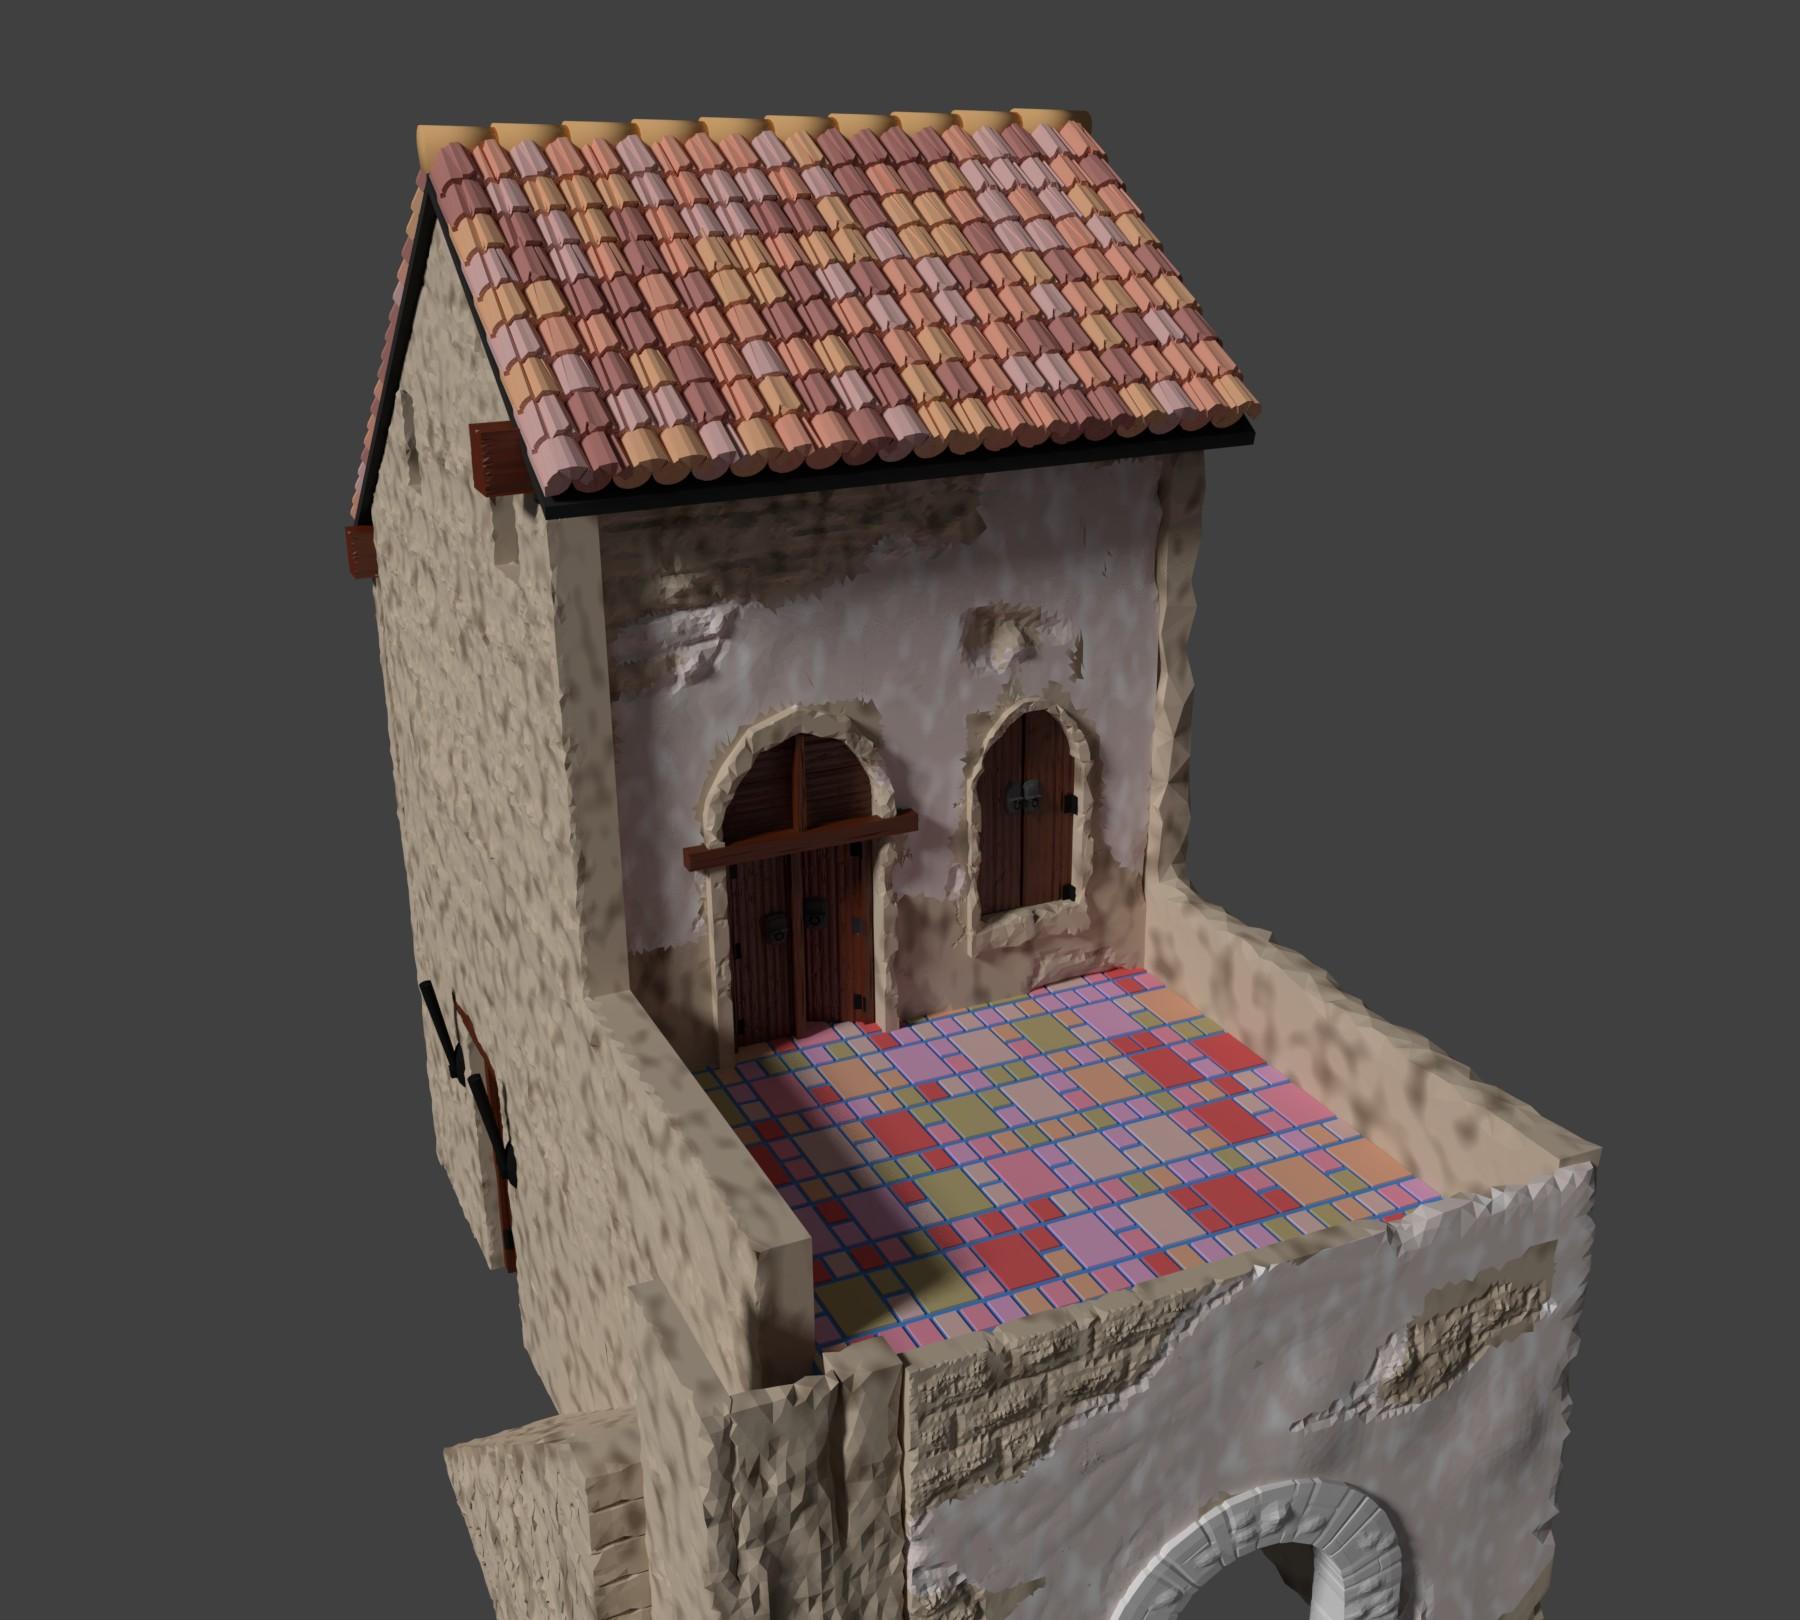 Casa rustica para dioramas modelo 3d